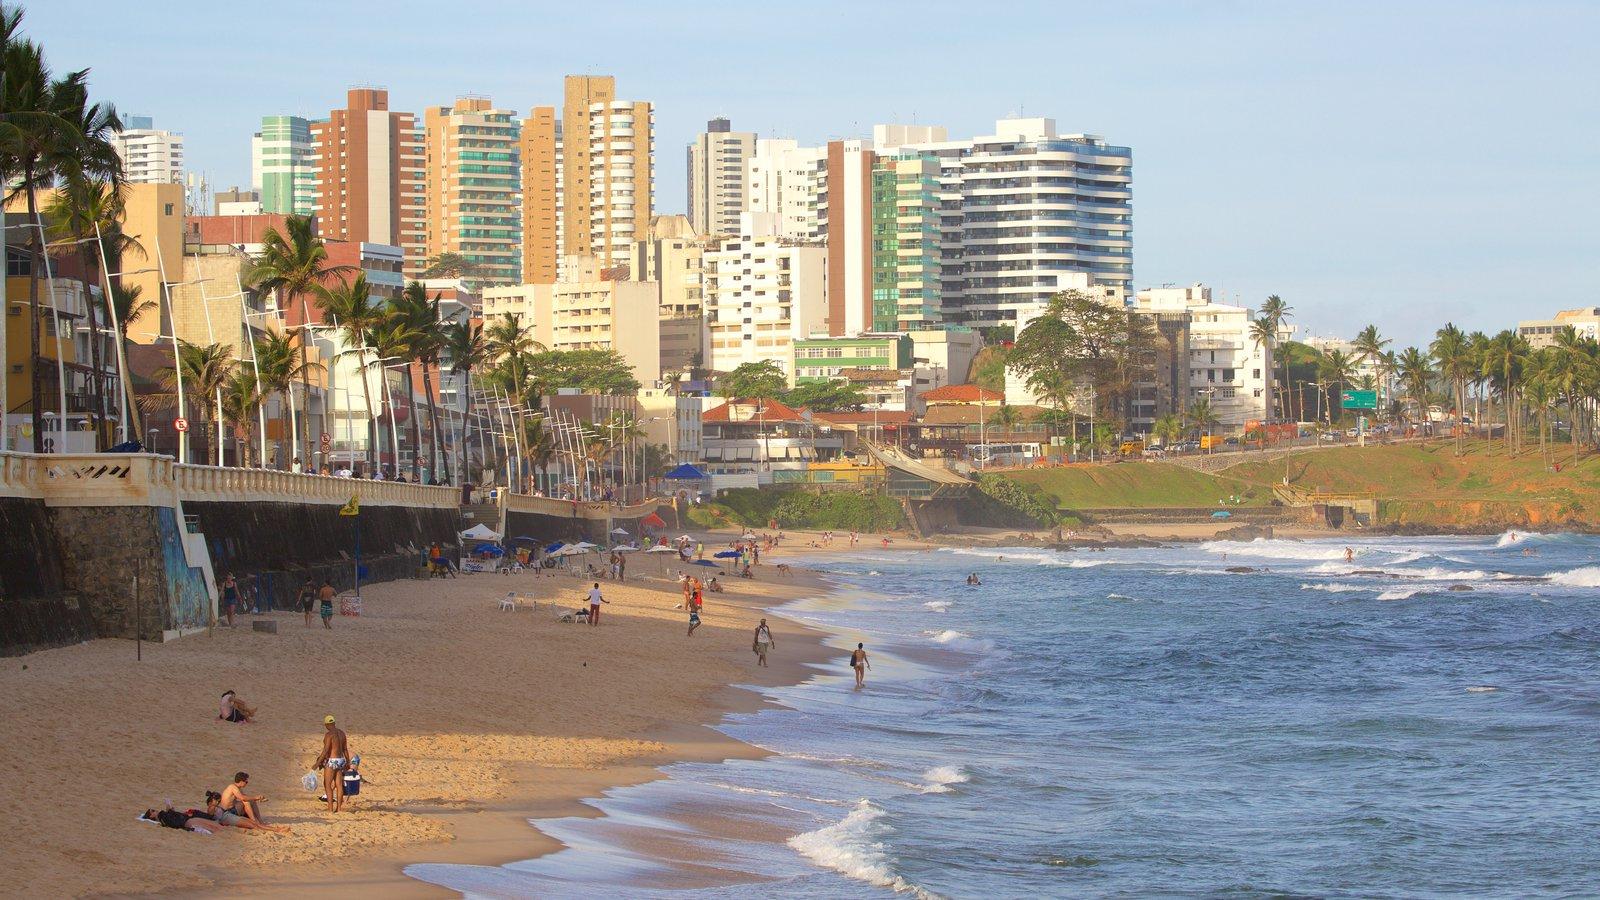 Praia do Farol da Barra que inclui paisagens litorâneas, uma cidade litorânea e uma praia de areia